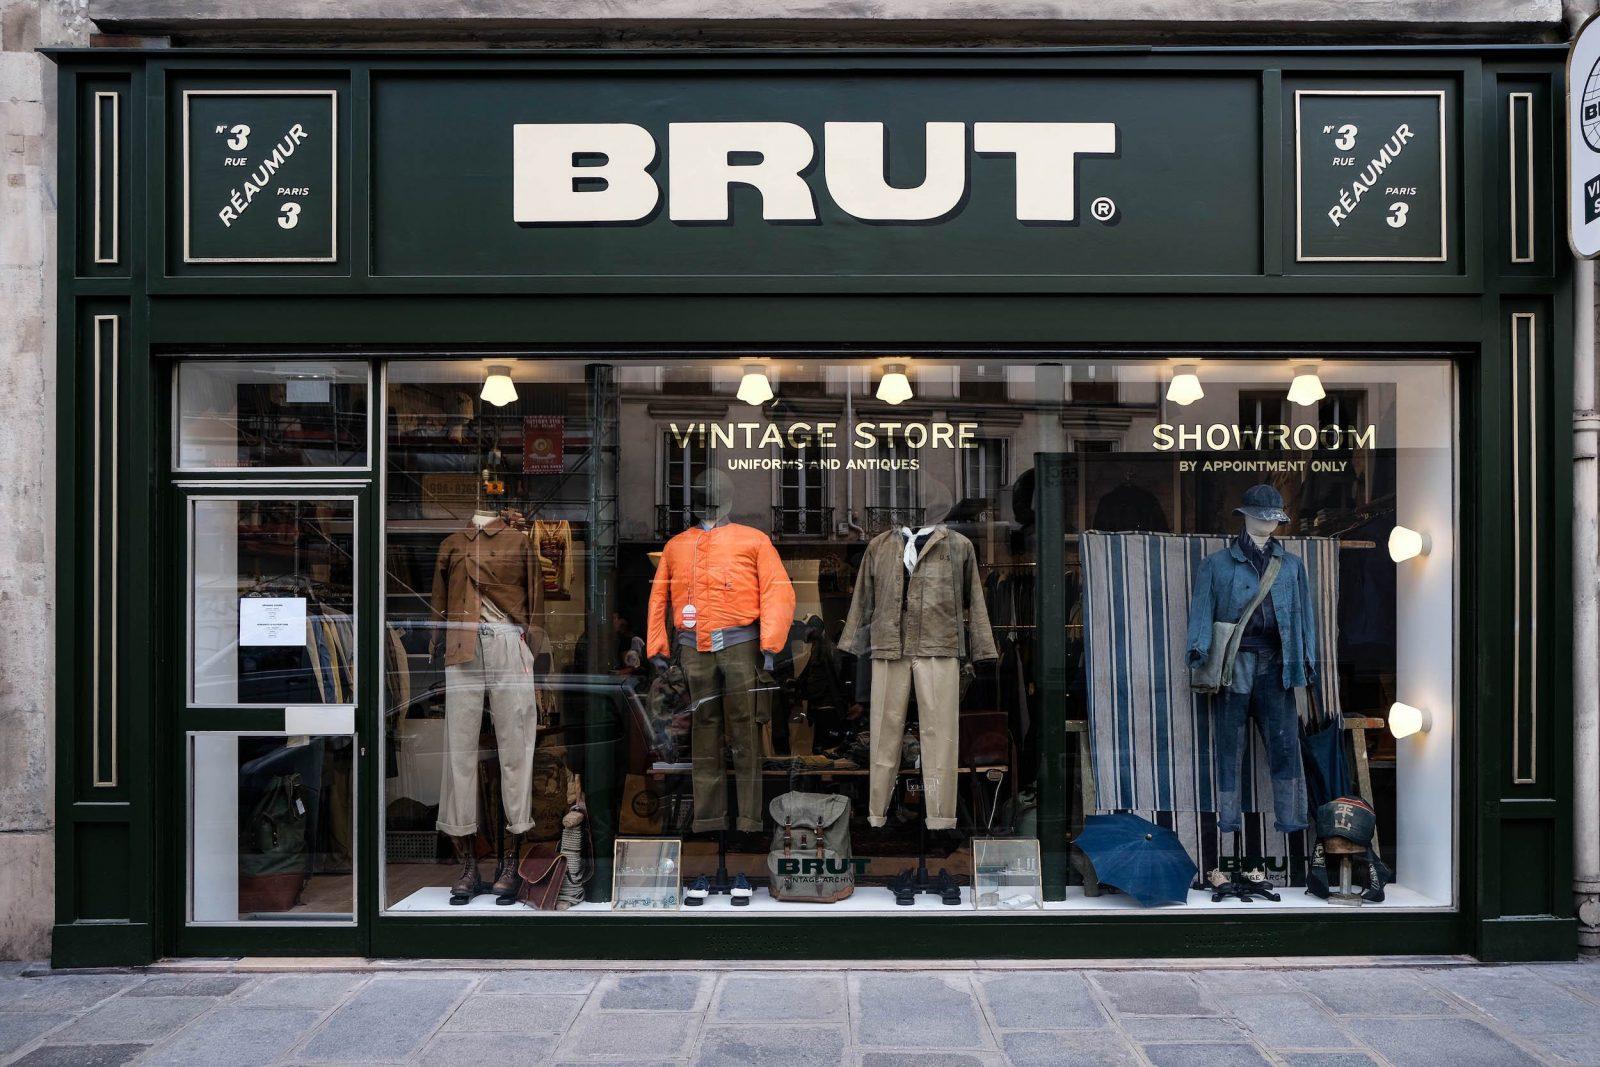 brut vintage store and showroom paris